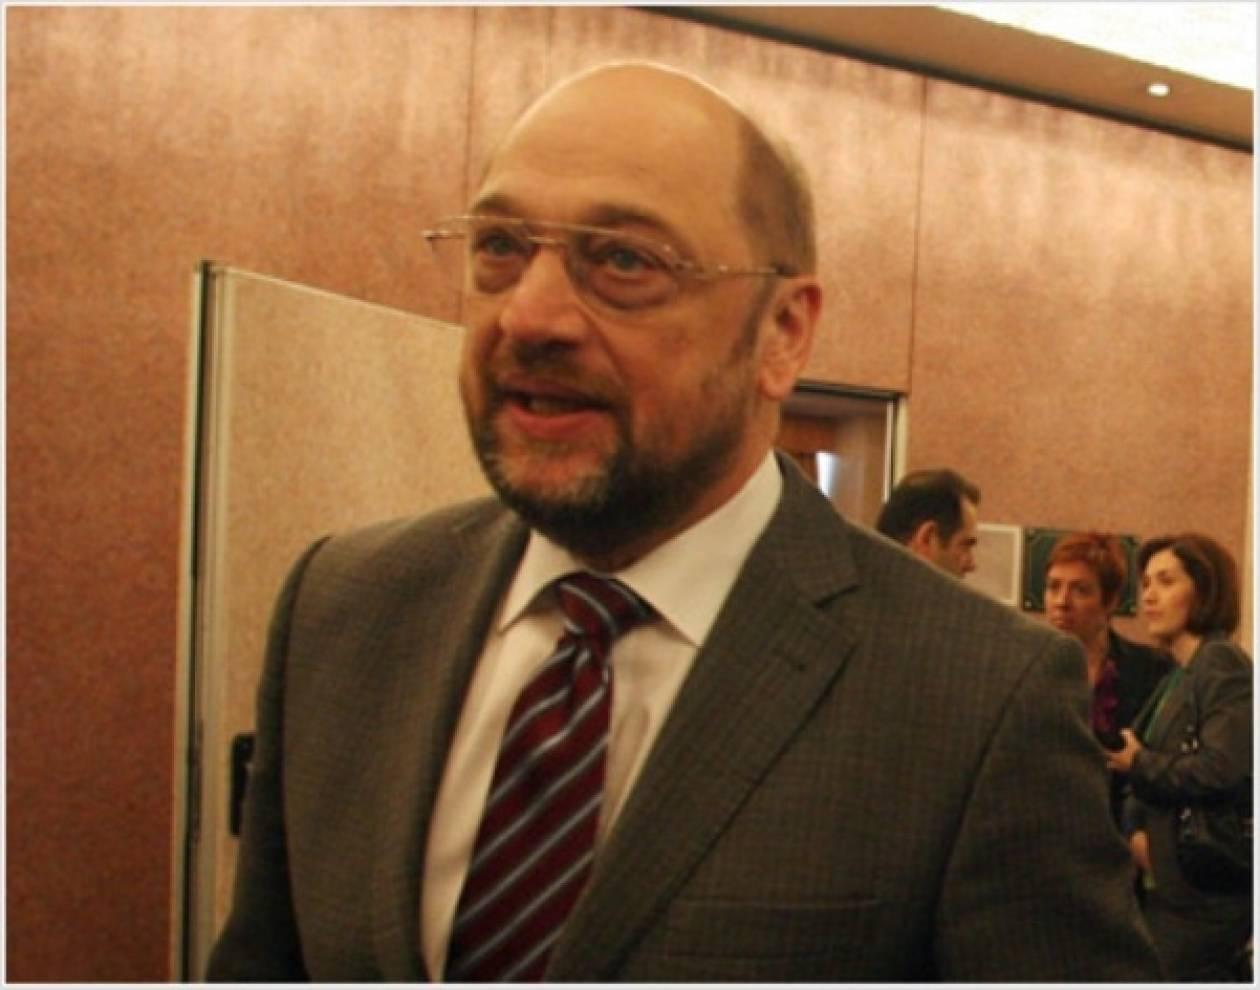 Αισιόδοξος για την πορεία της Ελλάδας ο Μάρτιν Σουλτς